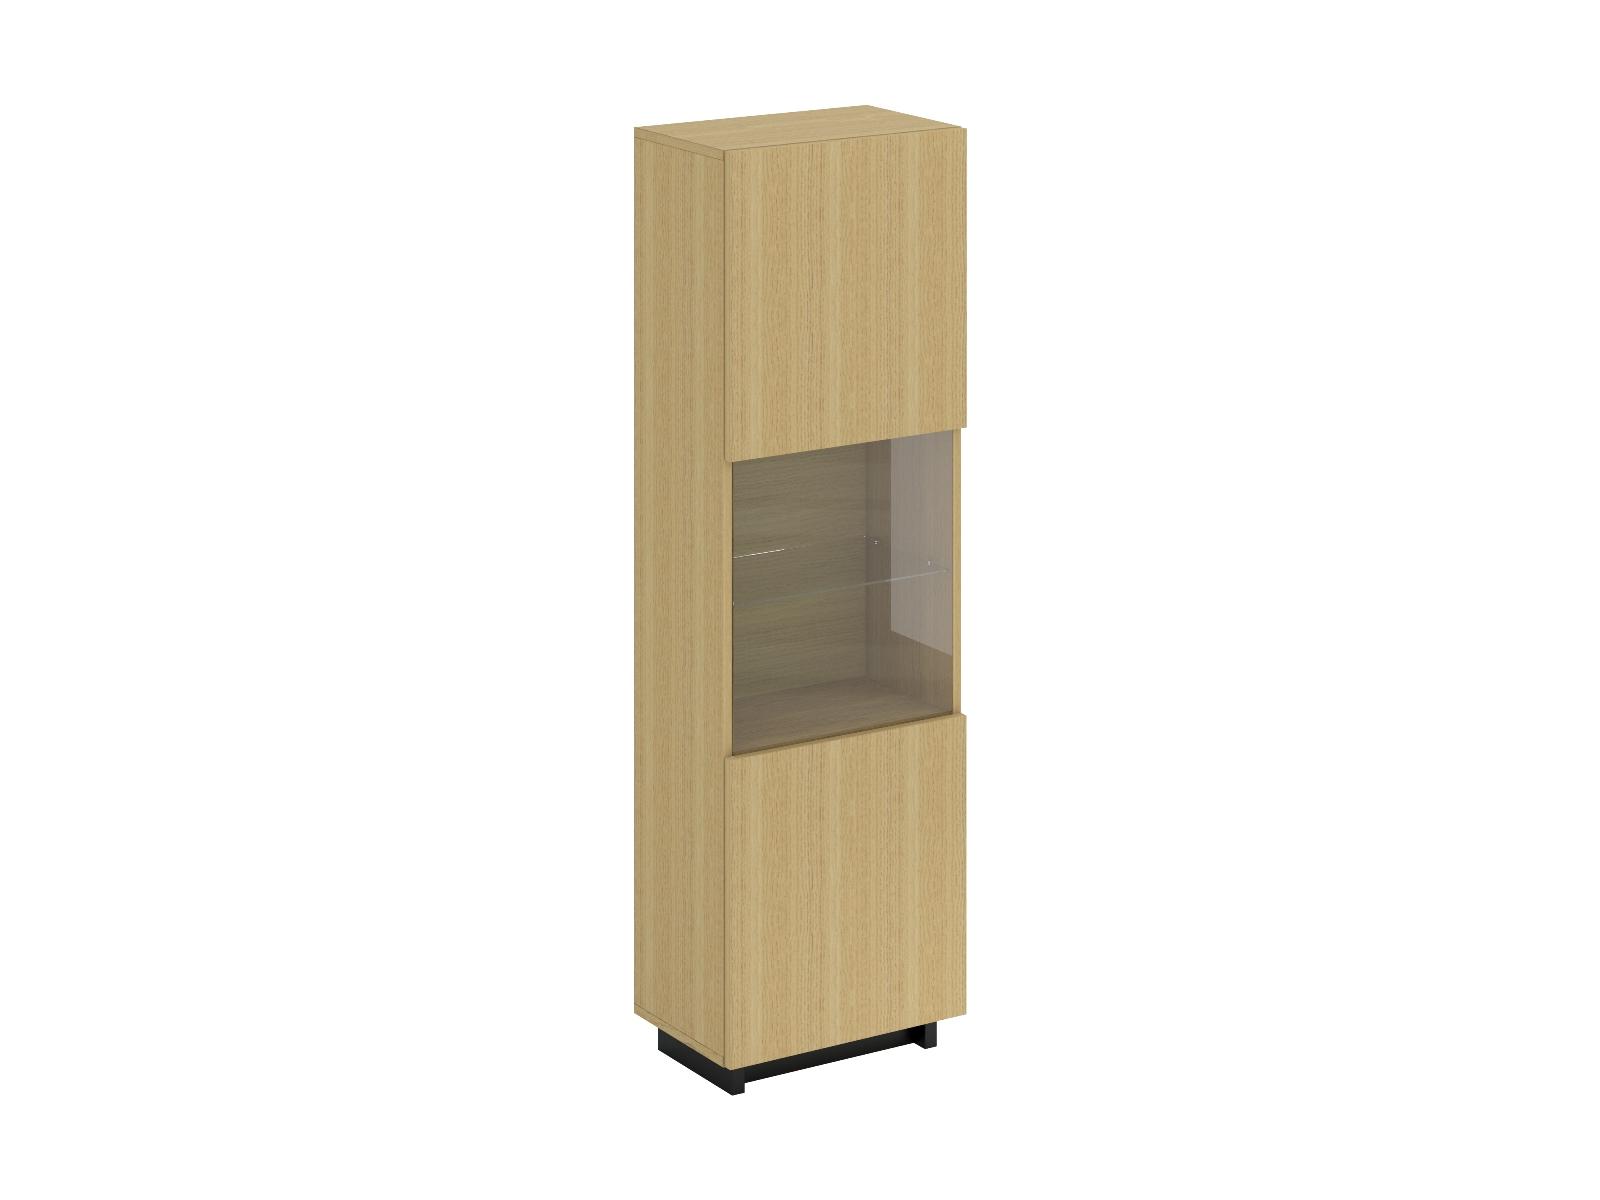 Шкаф-витрина LineШкафы<br>Шкаф-витрина с подсветкой. В шкафу расположены 4 щитовые полки и 1 стеклянная полка. Дверца открывается по принципу «нажал-открыл». Рекомендуется крепить к стене.<br>